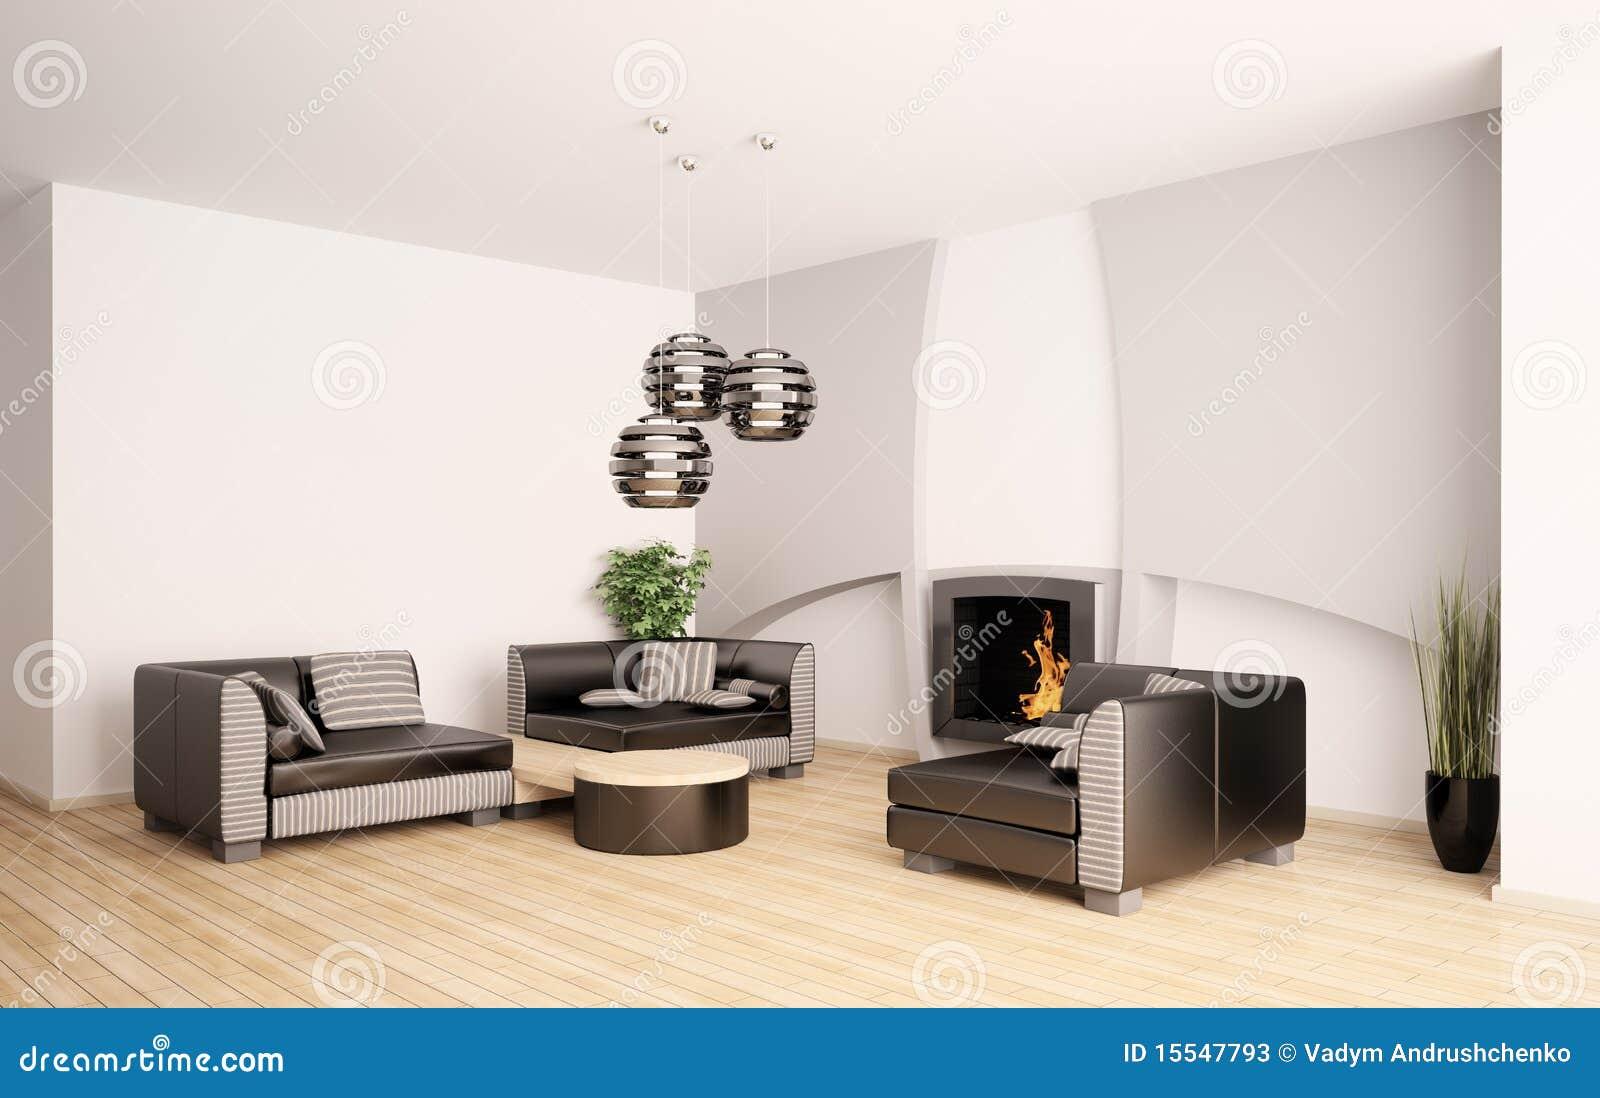 Moderne woonkamer met open haard binnenlandse 3d stock illustratie afbeelding 15547793 - Deco moderne open haard ...